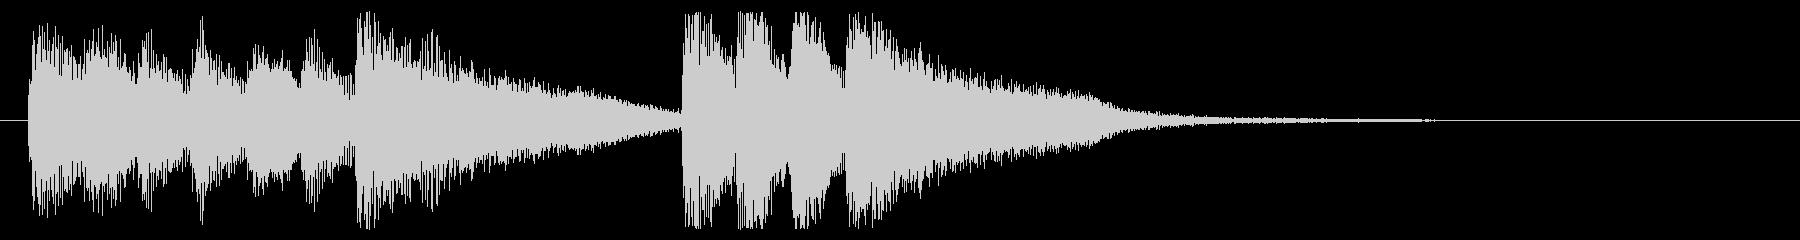 フュージョン的なピアノジングルの未再生の波形